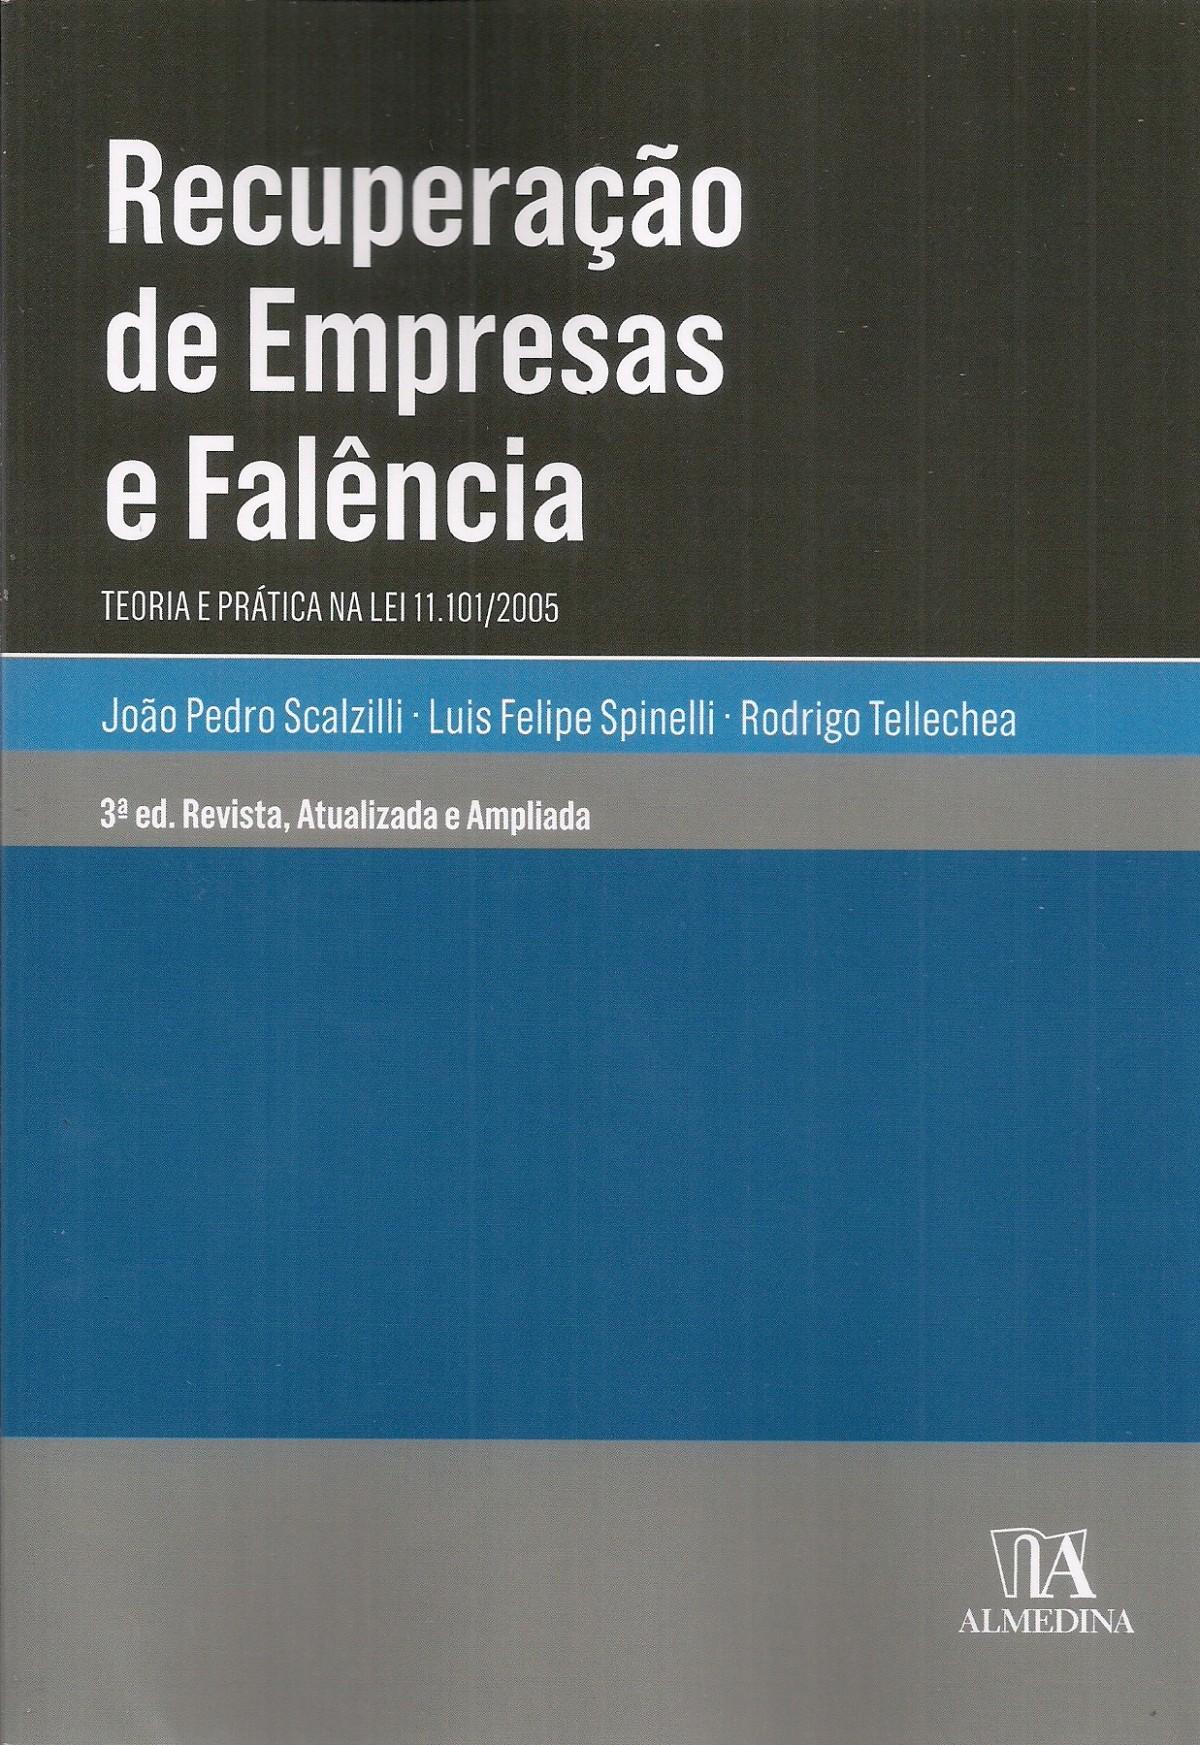 Foto 1 - Recuperação de Empresas e Falência - Teoria e prática na lei 11.101/2005